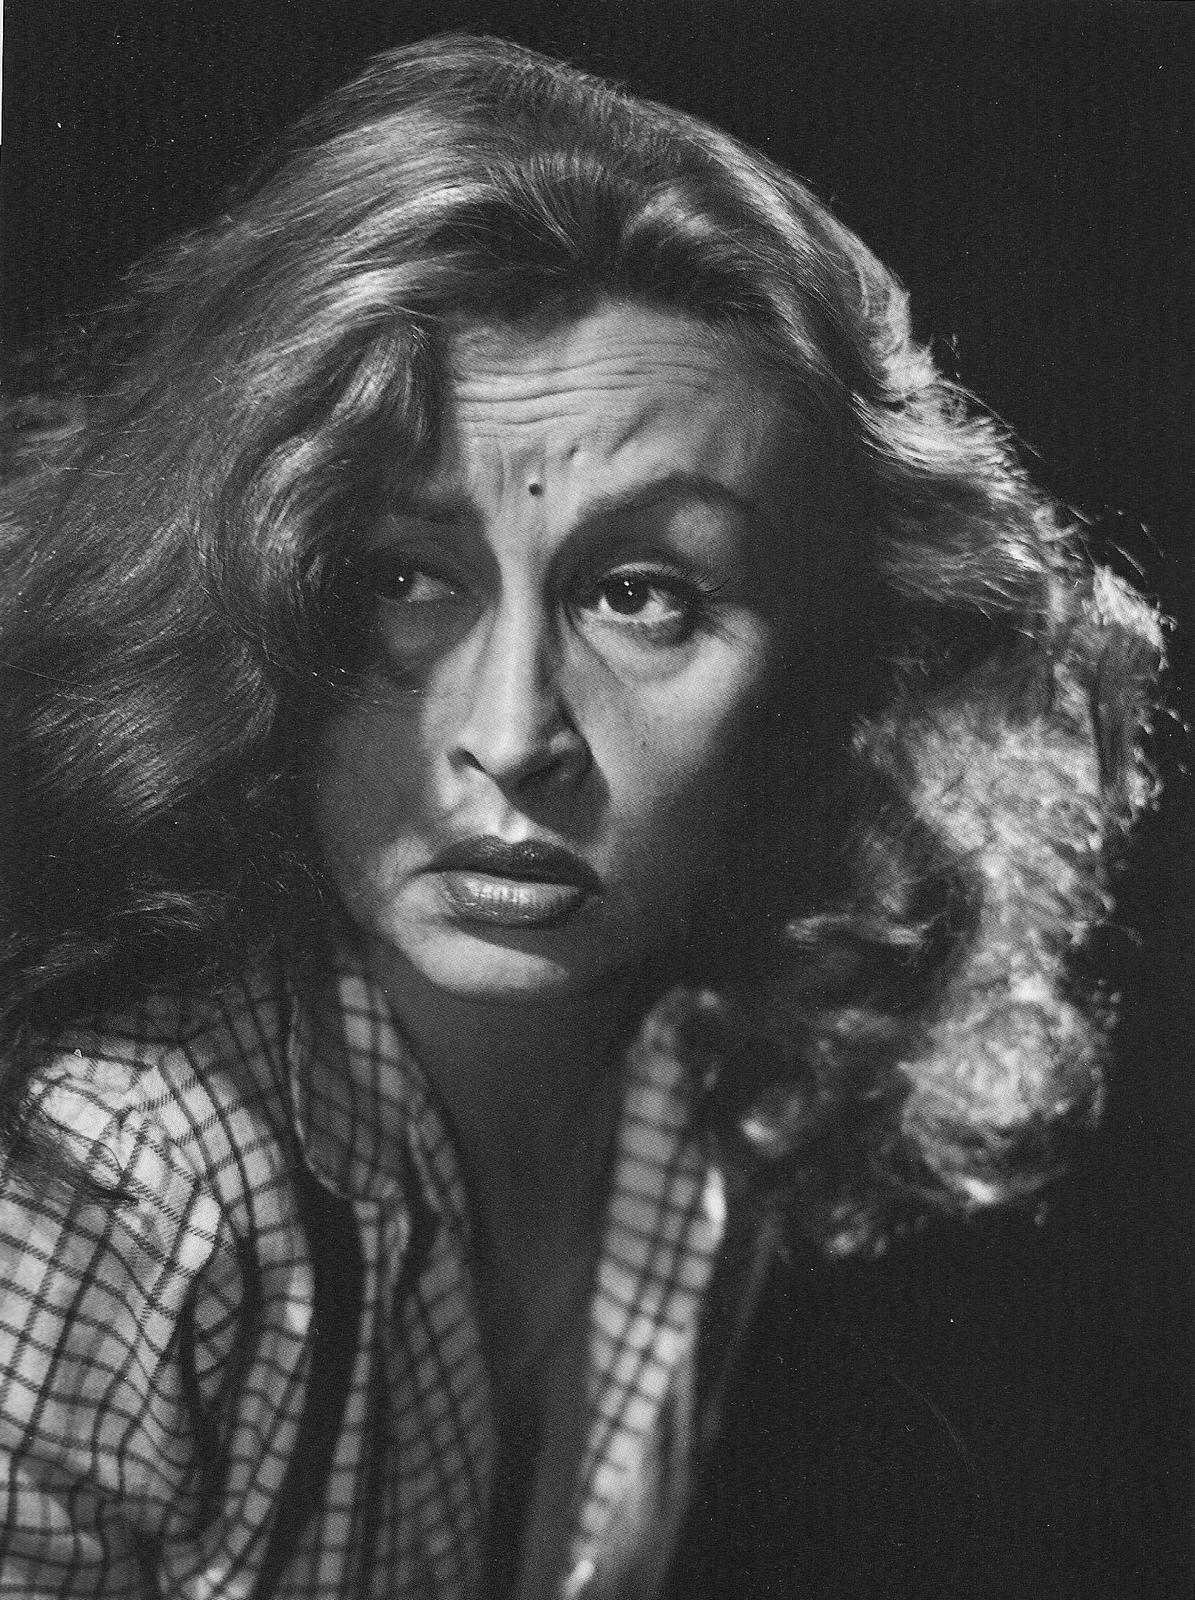 Tita Merello by Annemarie Heinrich (1912 - 2005)